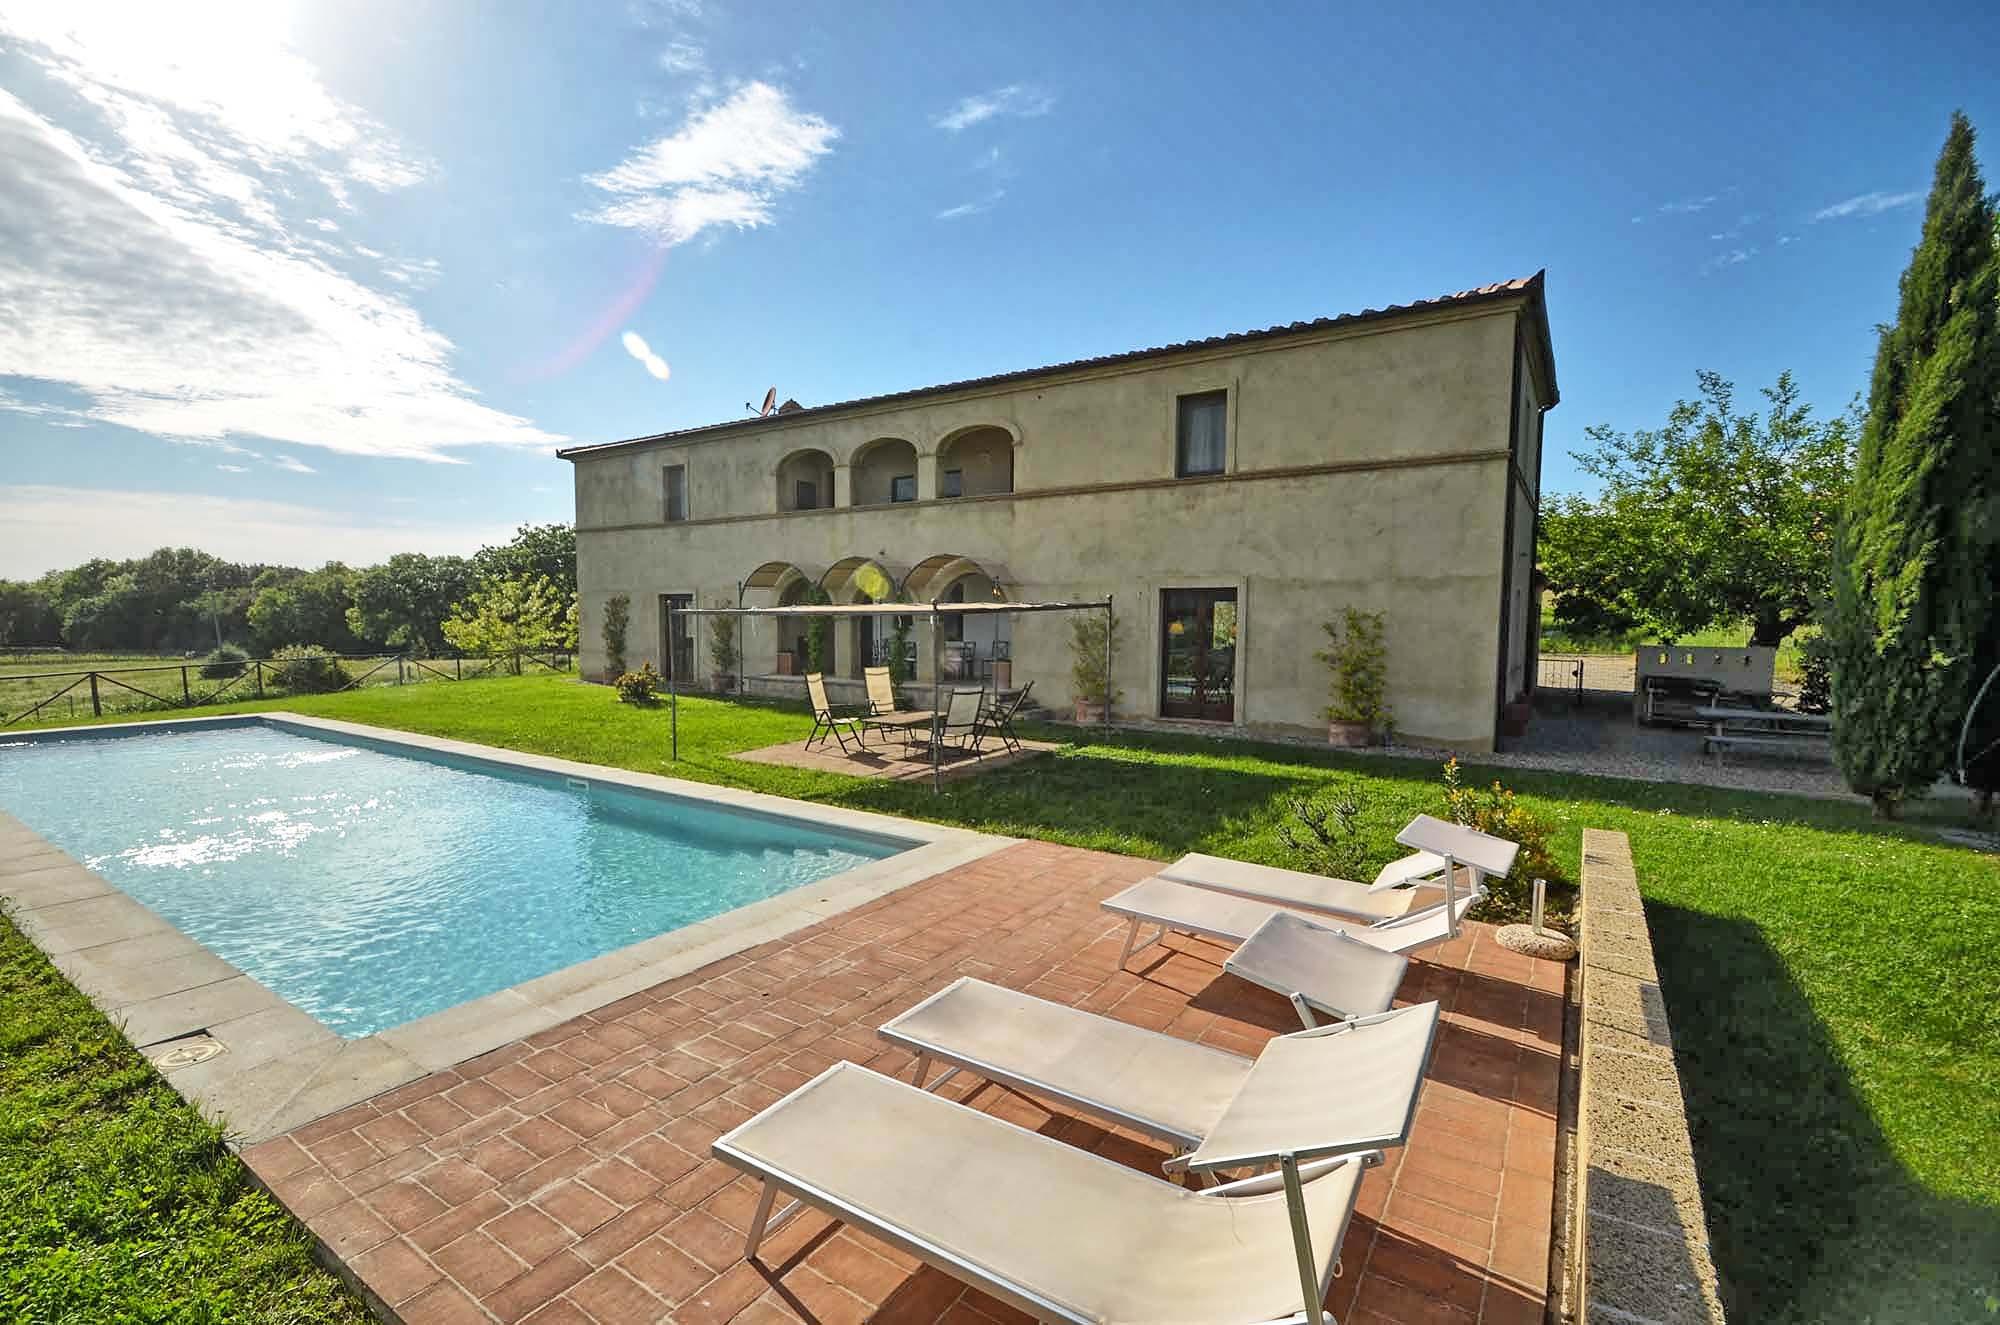 Vakantiehuis in Buonconvento met zwembad, in Toscane.